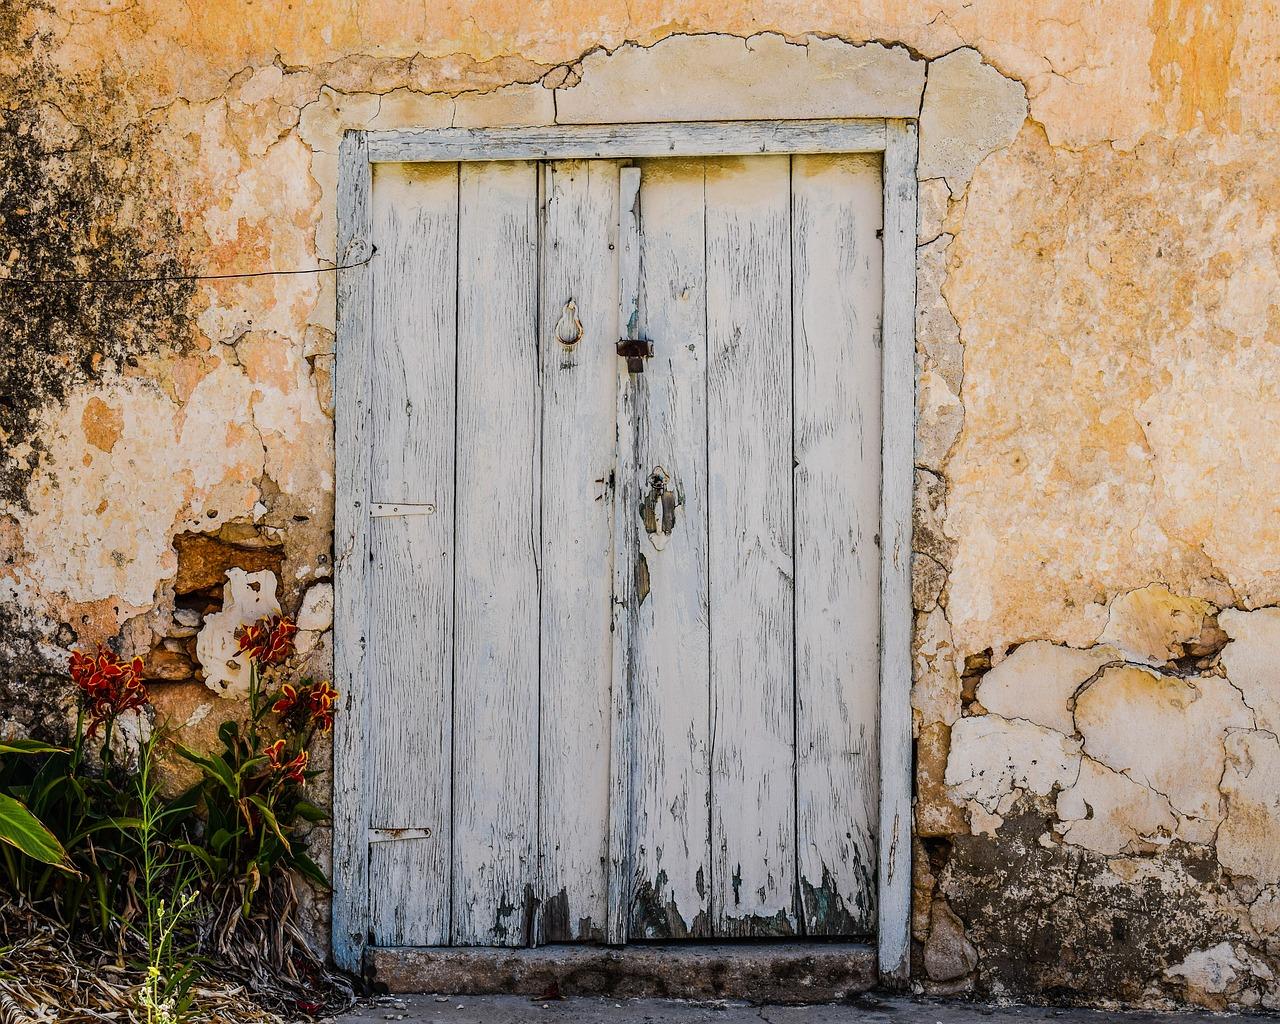 тонны камня, история дверей картинки саша заселились